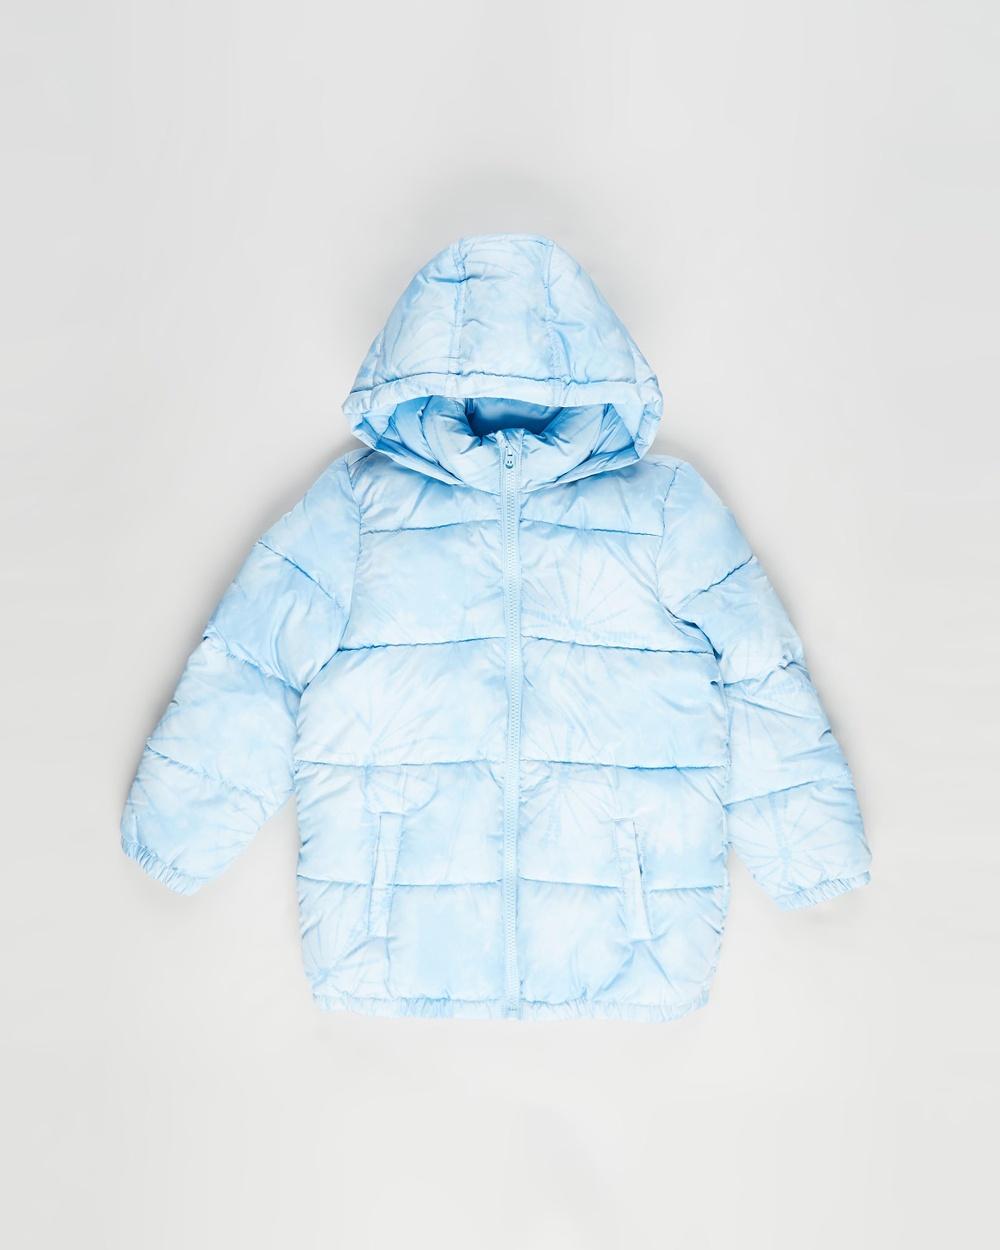 Cotton On Kids Frankie Puffer Jacket Coats & Jackets Sky Haze Tie Dye